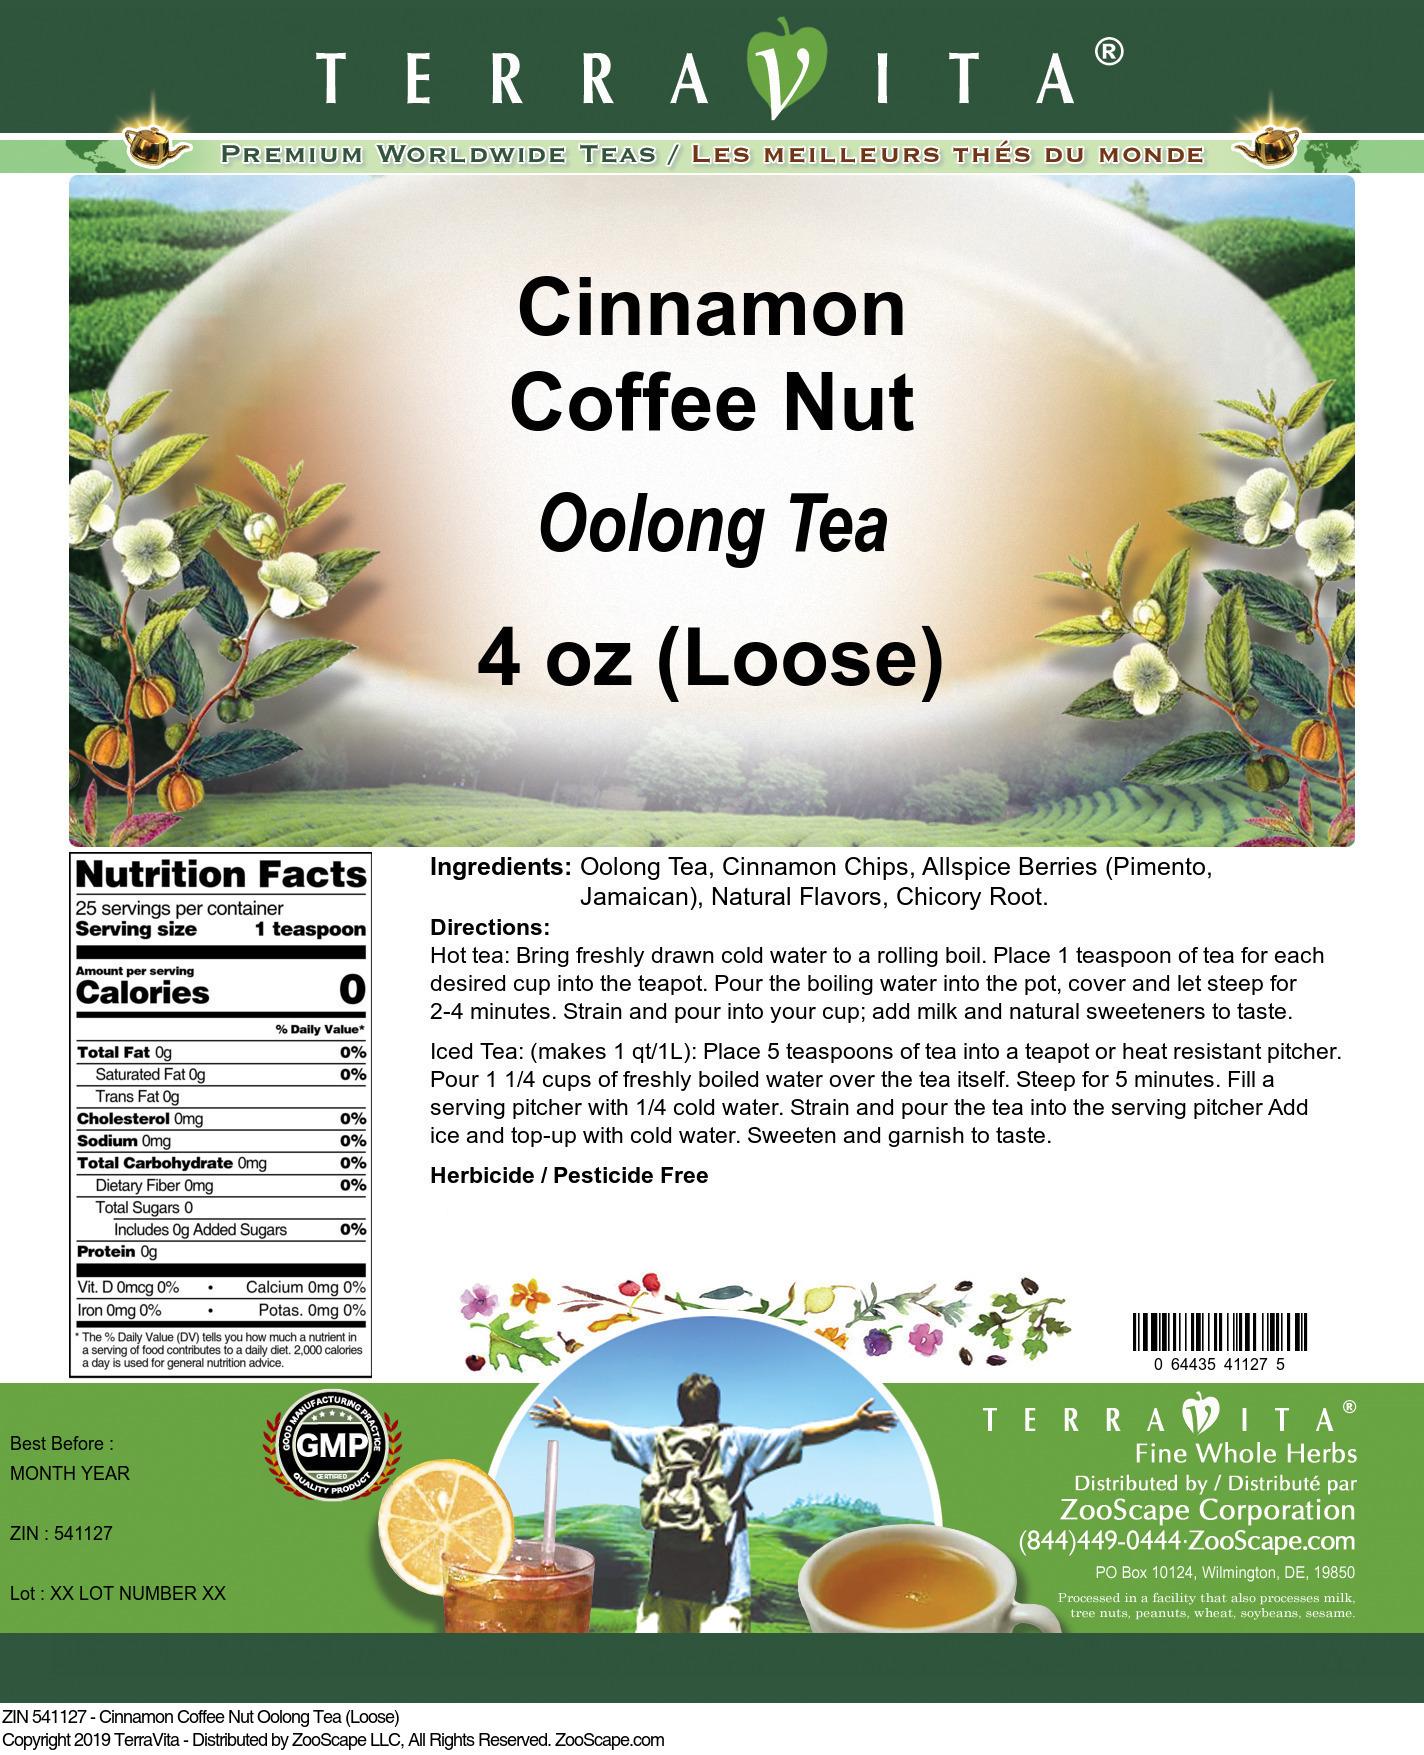 Cinnamon Coffee Nut Oolong Tea (Loose)